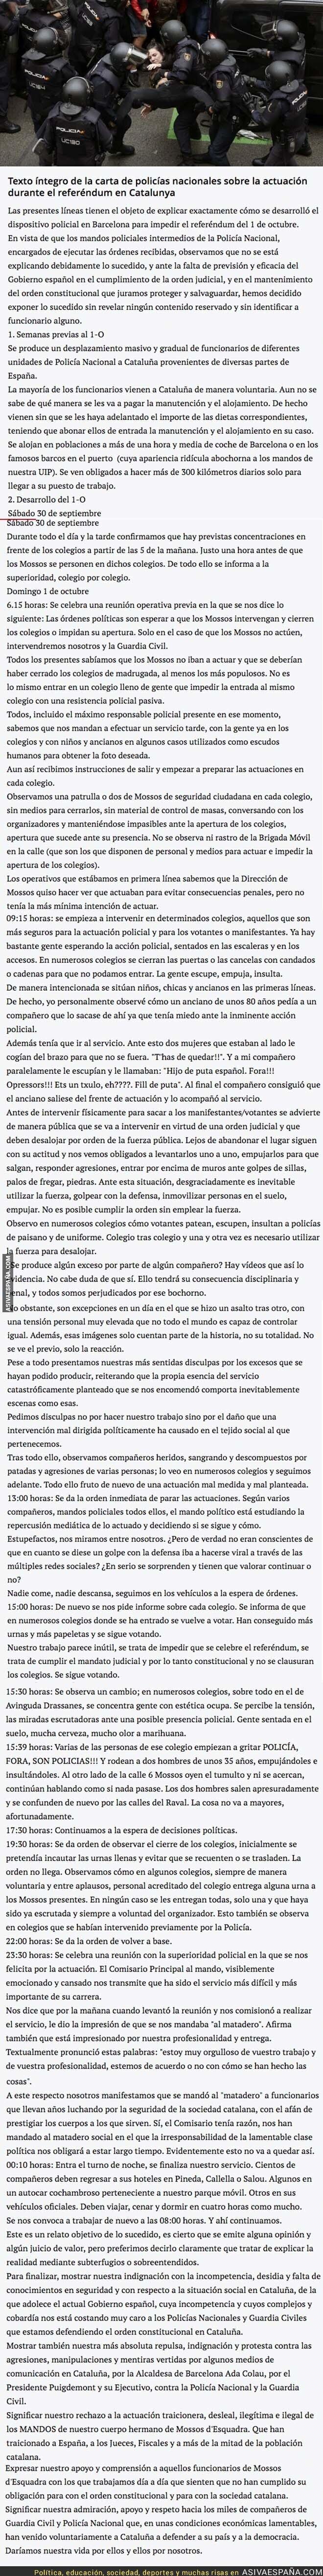 76480 - Policías Nacionales se disculpan con esta carta tras las actuaciones policiales del 1-O